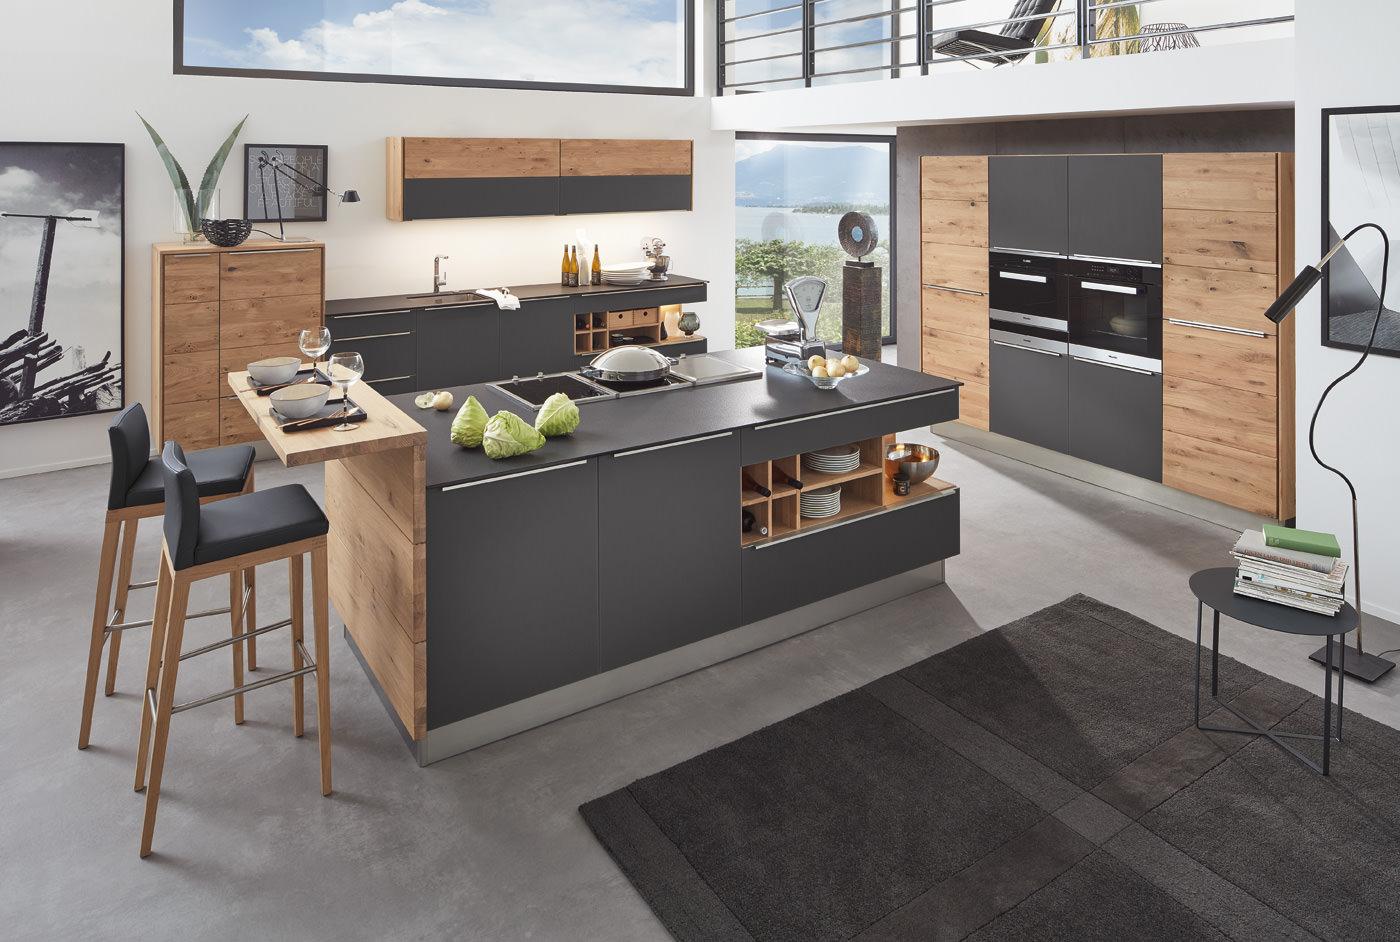 Decker BIO Küchen aus Massivholz